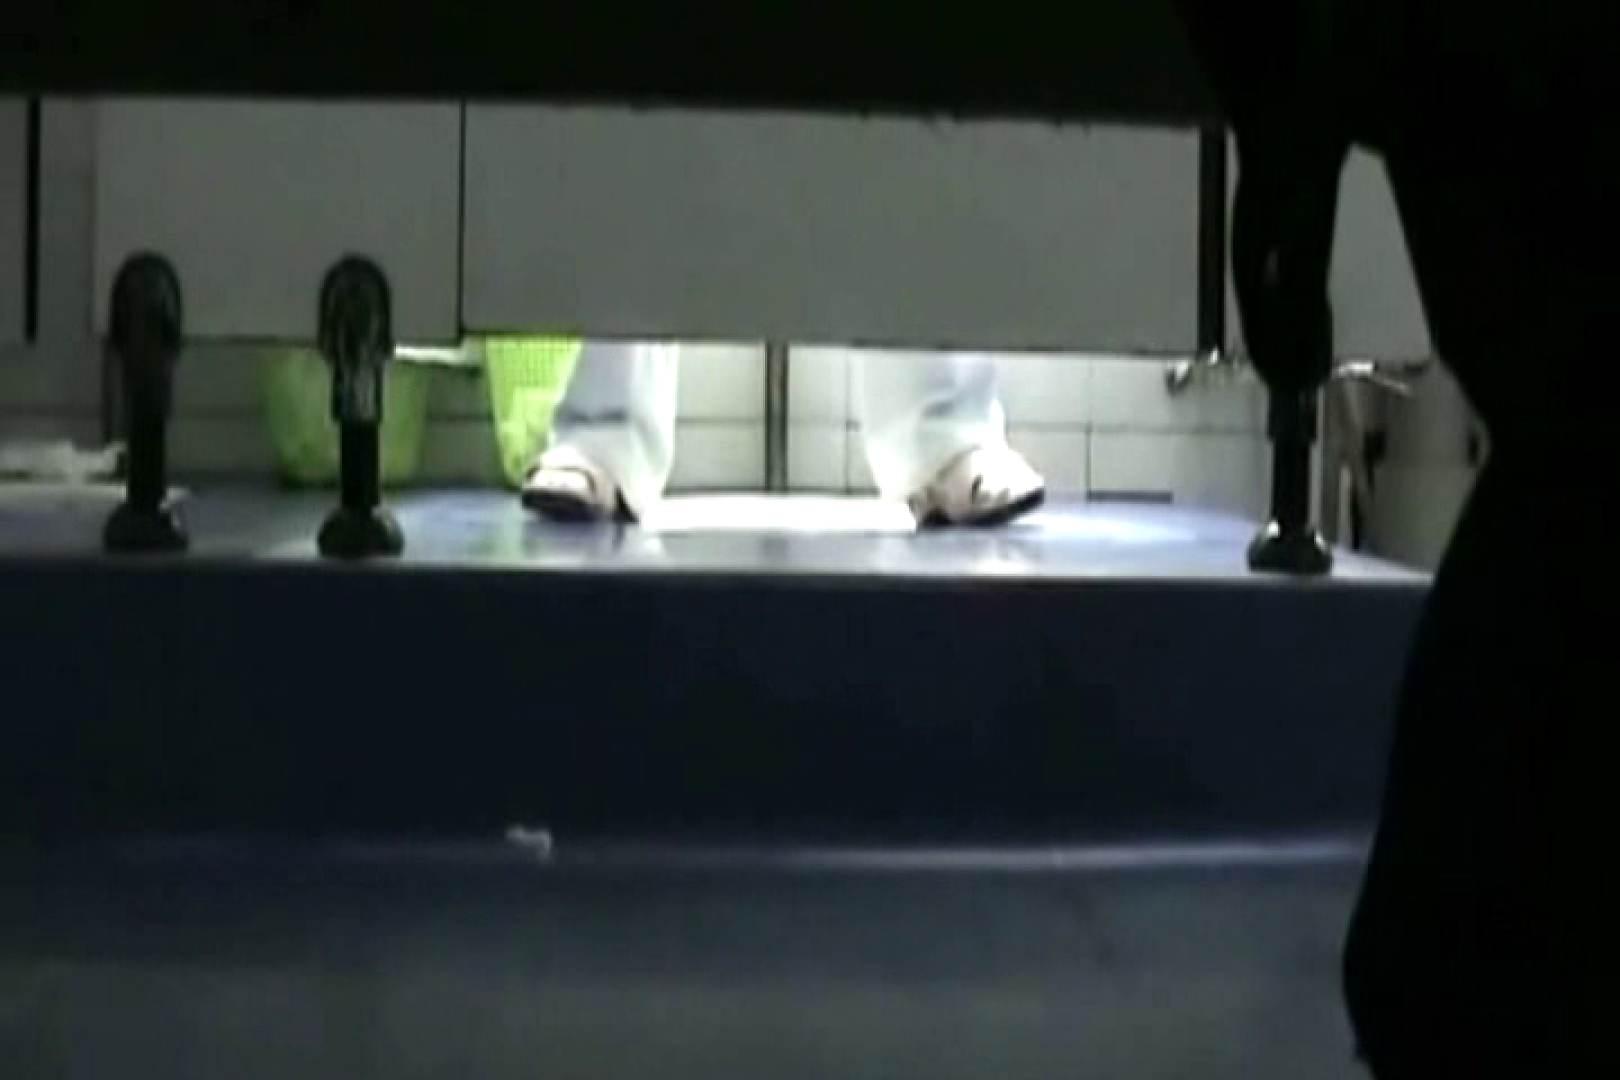 ぼっとん洗面所スペシャルVol.11 おまんこ AV動画キャプチャ 78PIX 39